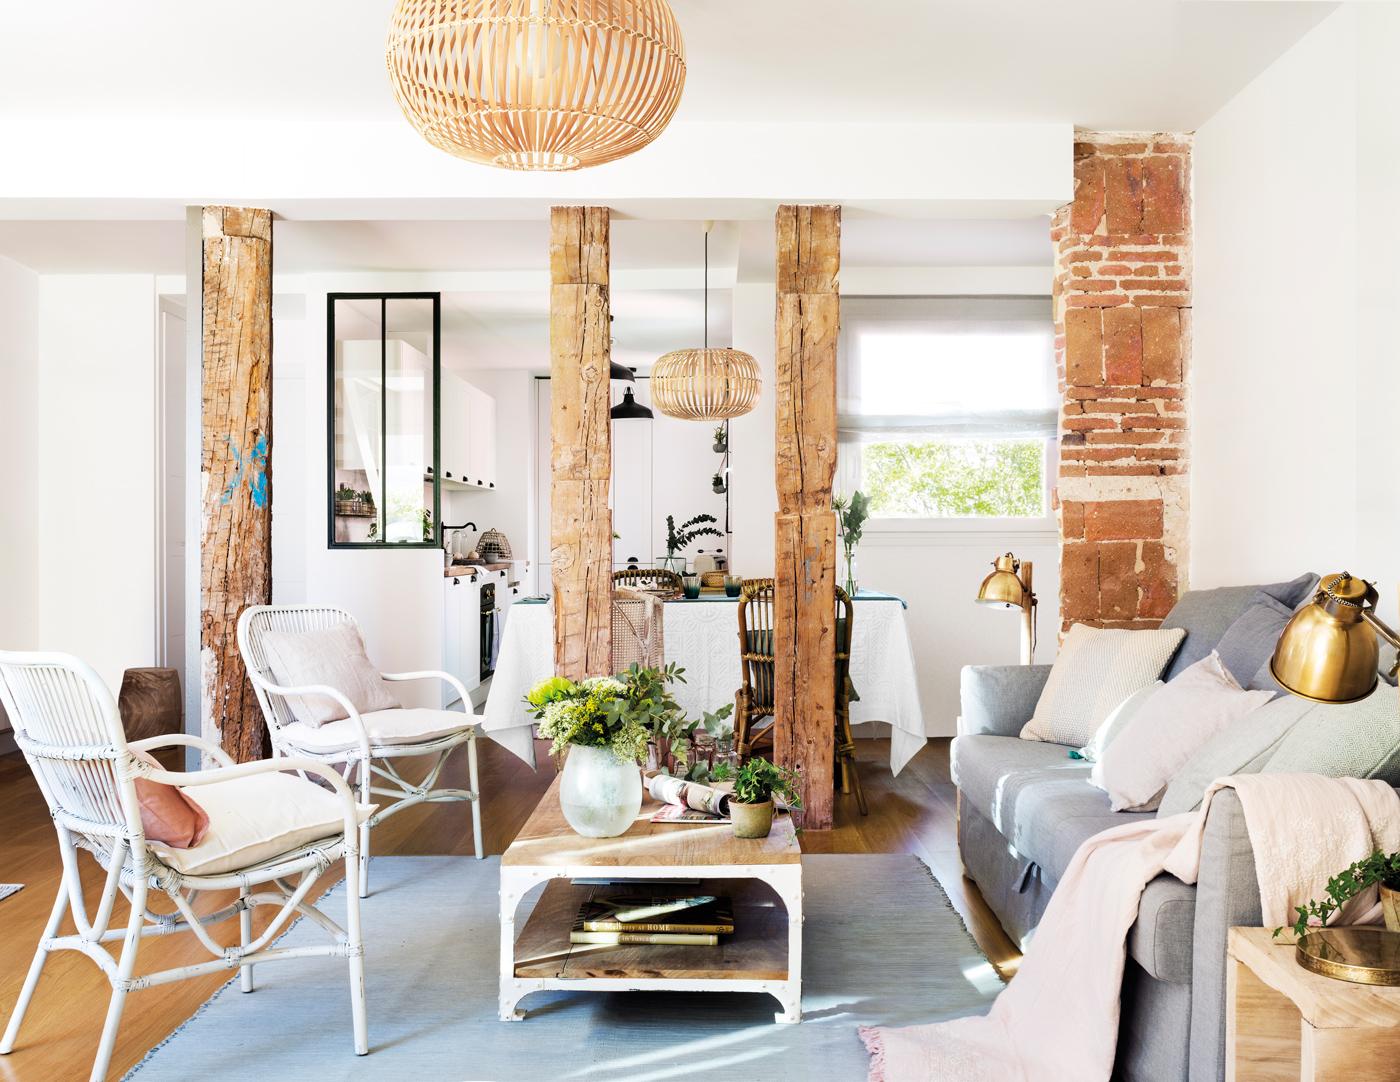 Las paredes de ladrillo visto son un extra decorativo - Cocinas decoracion paredes ...